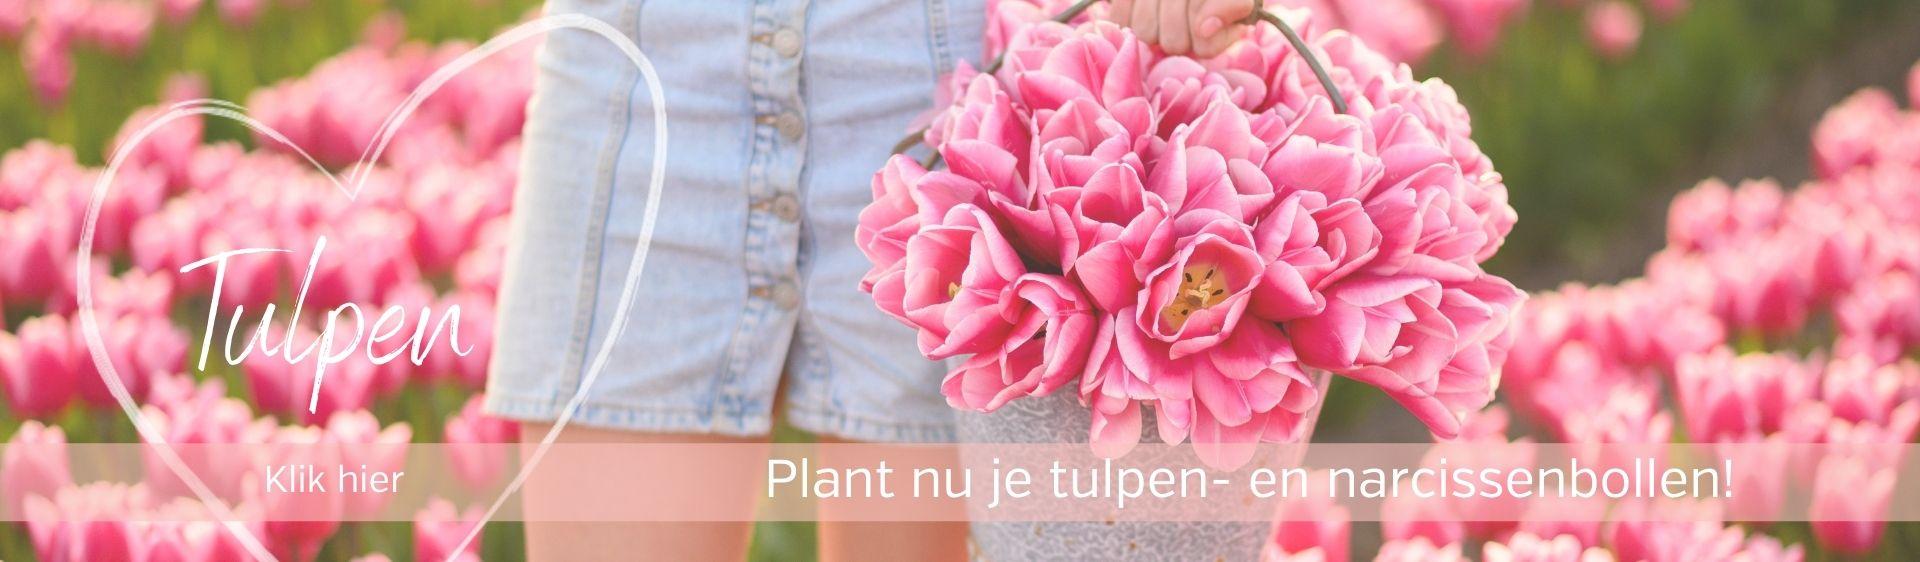 Tulpenbollen direct van onze kwekerij